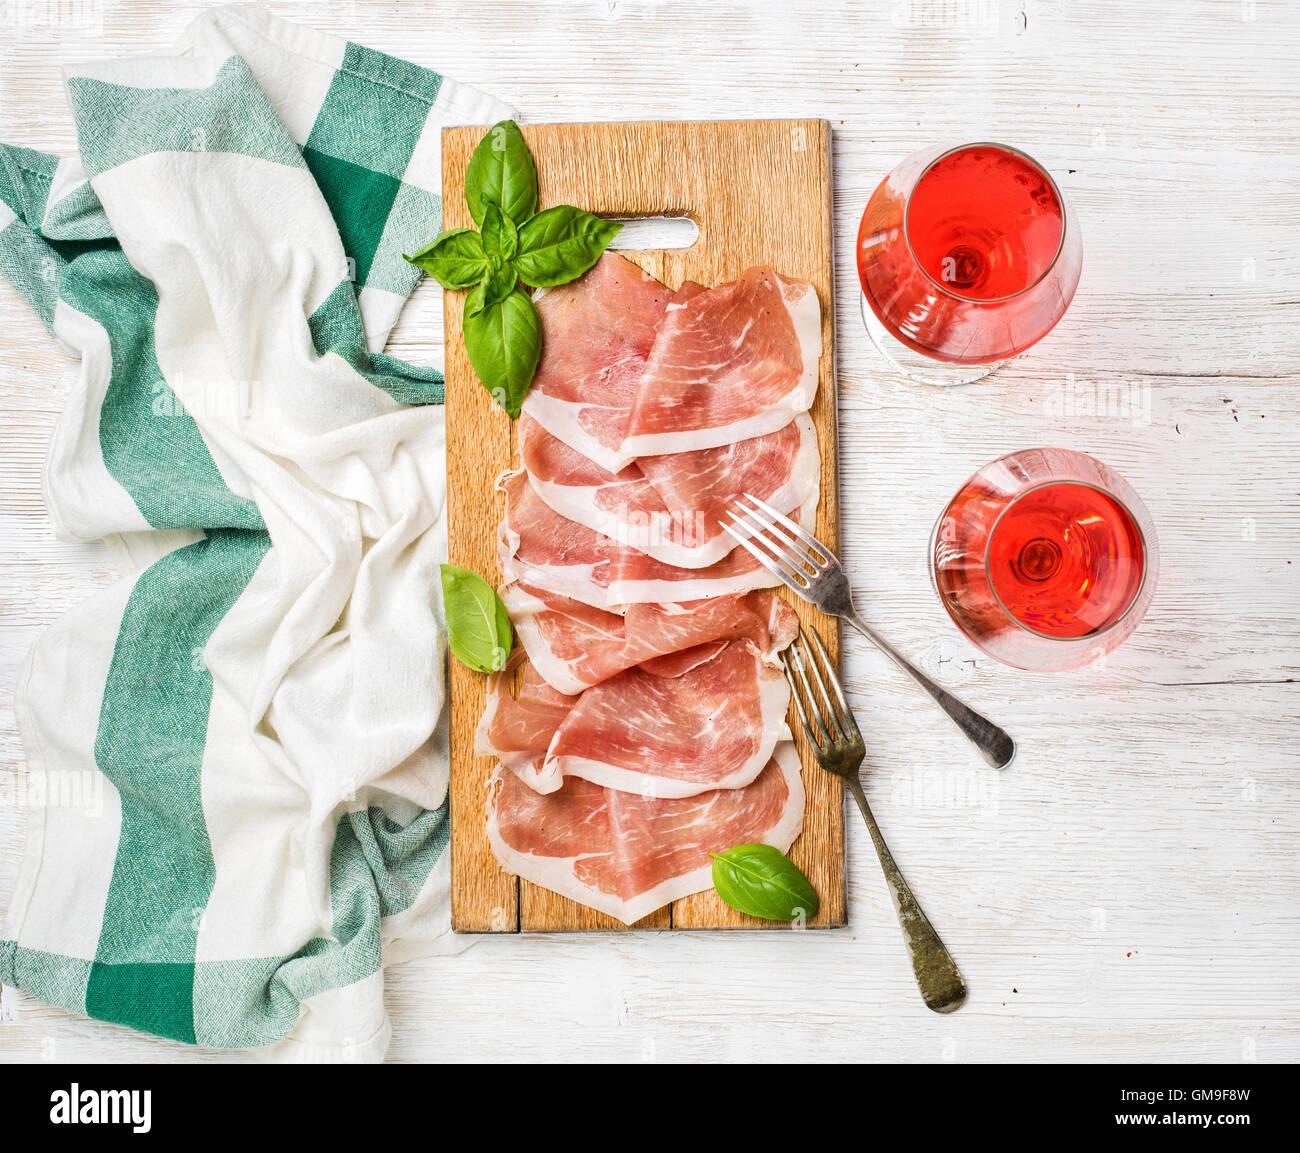 Lonchas de jamón prosciutto di Parma y Rose, copas de vino Imagen De Stock